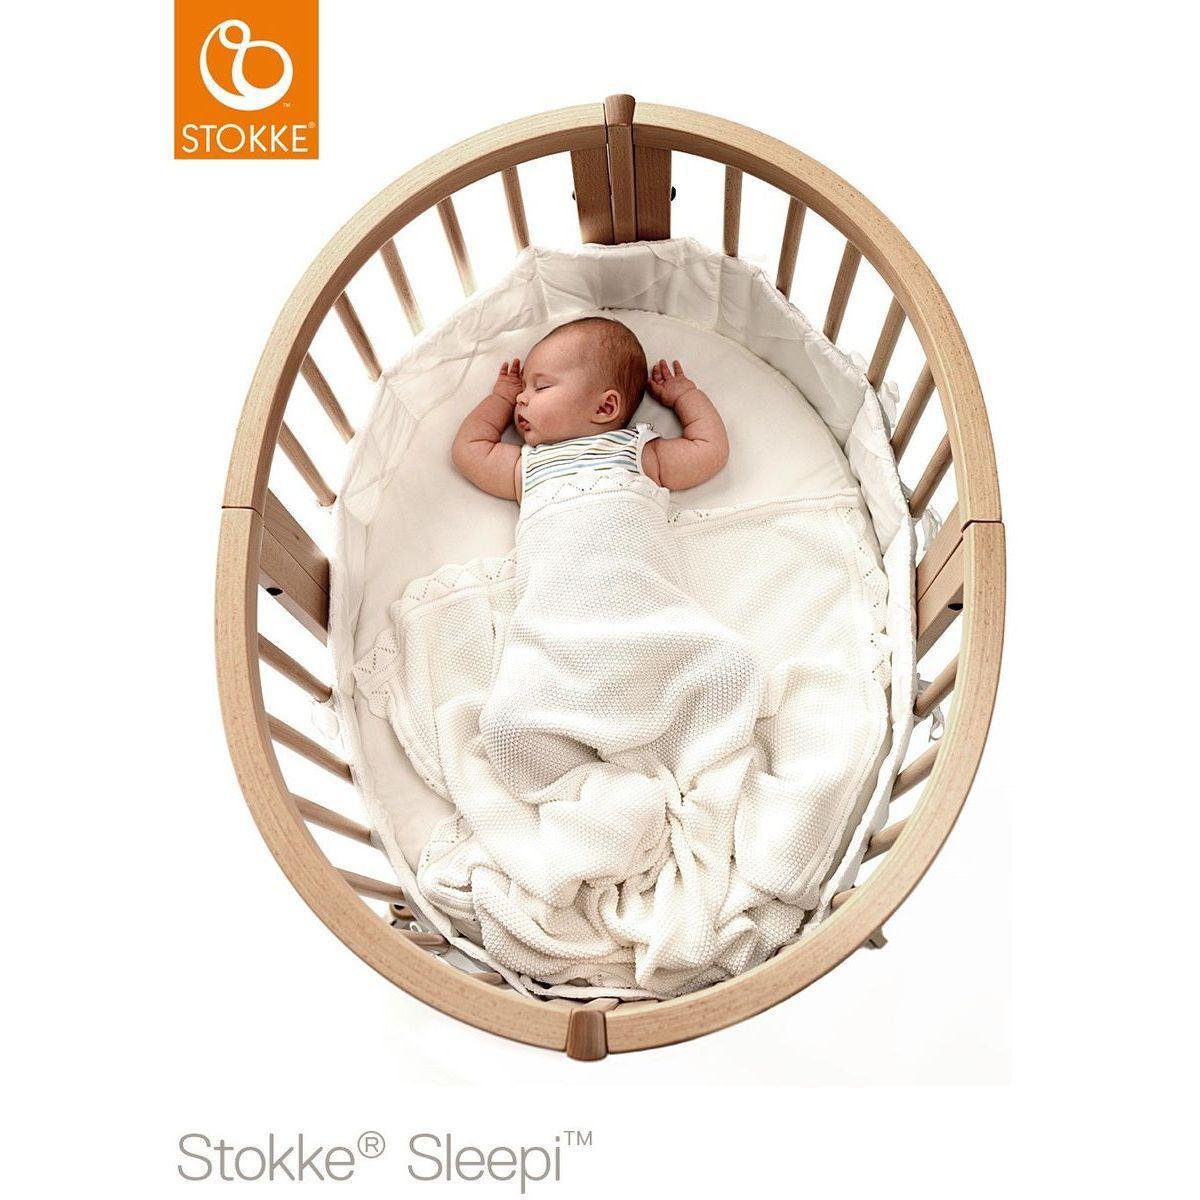 Minicuna evolutiva SLEEPI Stokke blanco